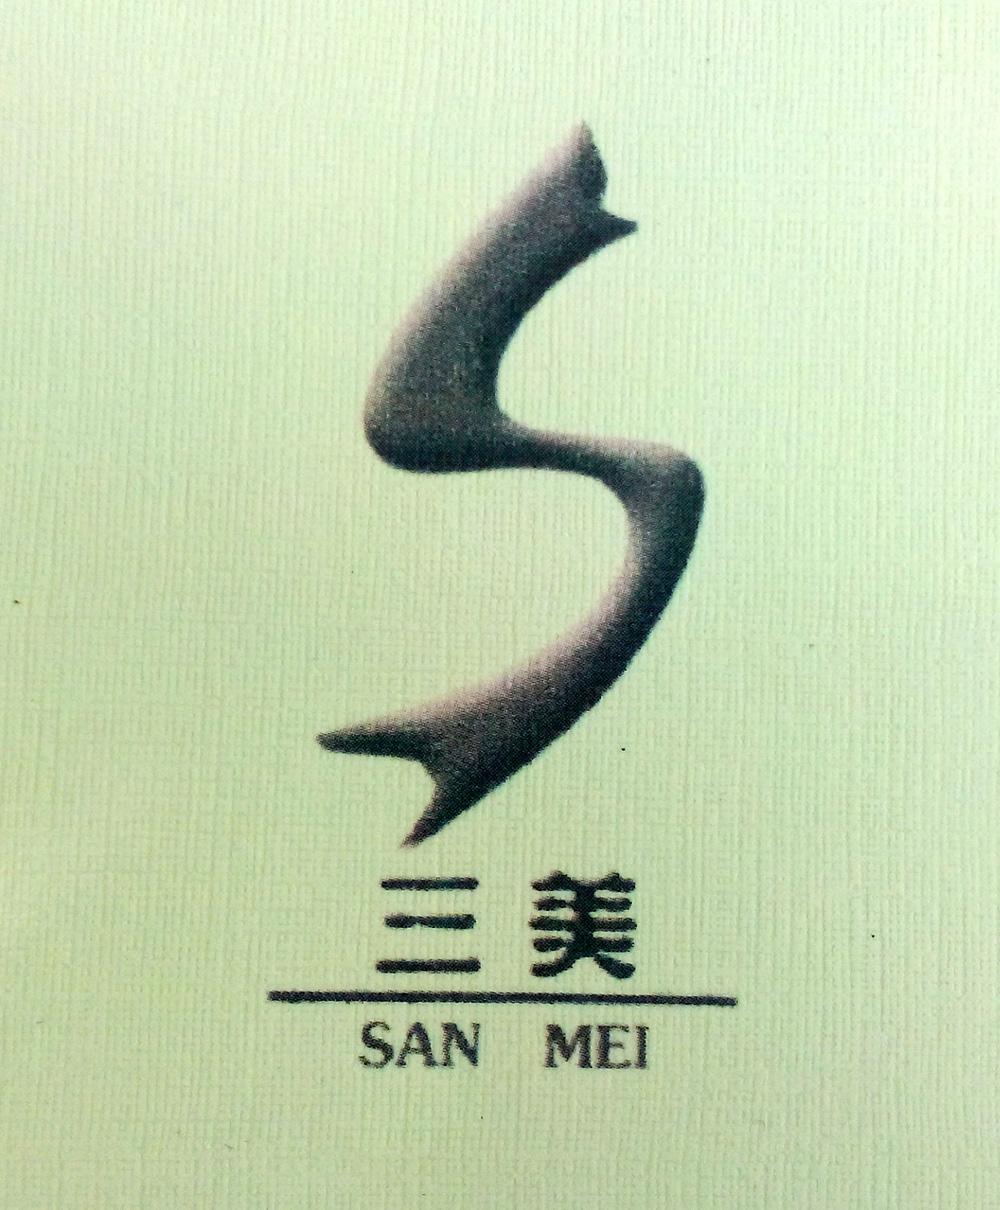 三美(SAN MEI)